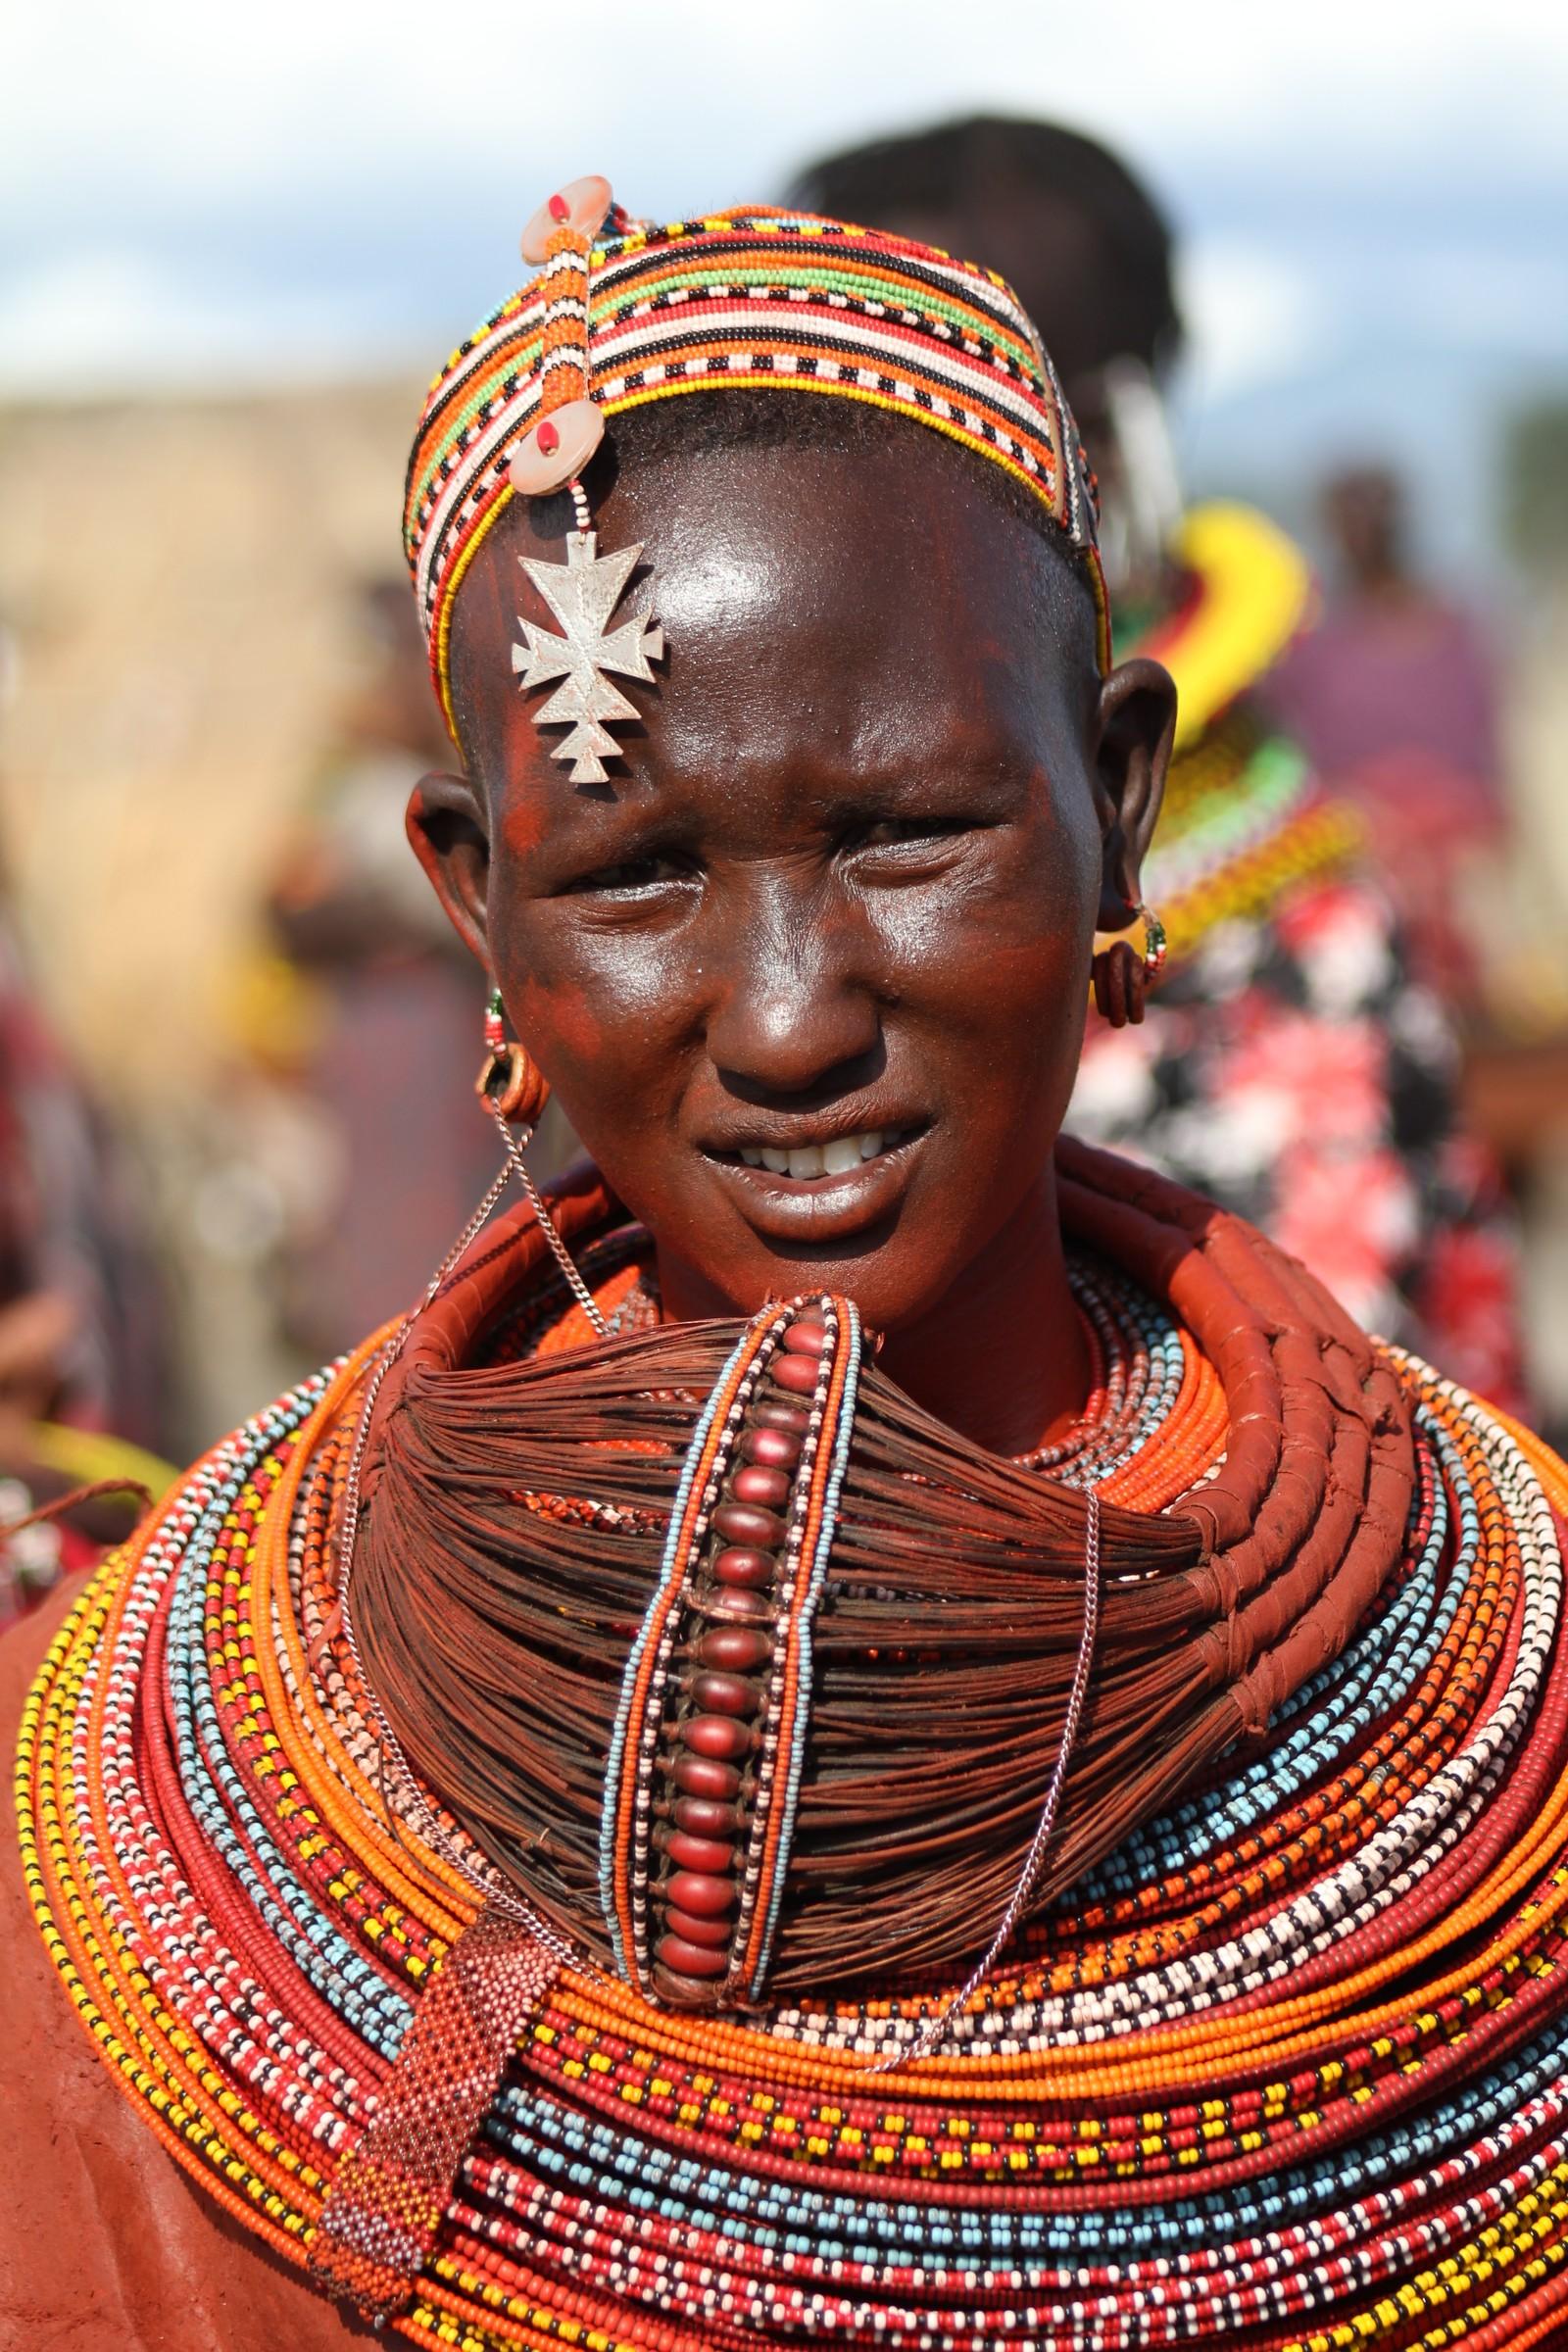 Trådene på ringen hun bærer rundt halsen, er laget av palmetre. Før ble den laget av sebraenes manke.